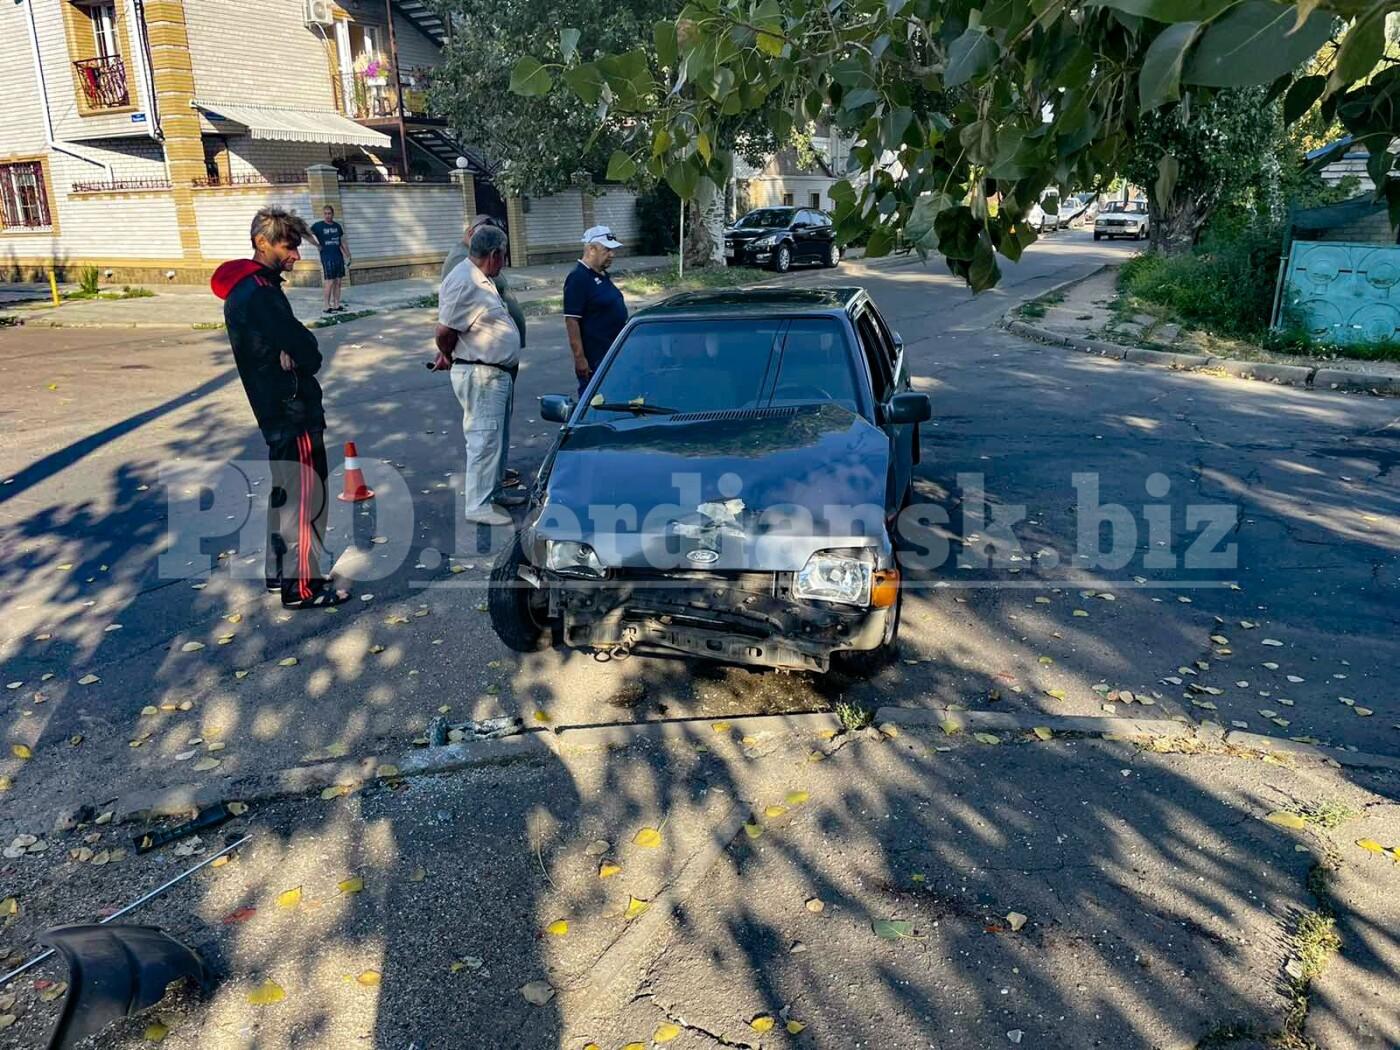 izobrazhenieviber2021 08 0607 52 10 297 610ce07f7098a - В Бердянске не поделили дорогу легковые автомобили: в ДТП пострадал подросток из Харьковской области